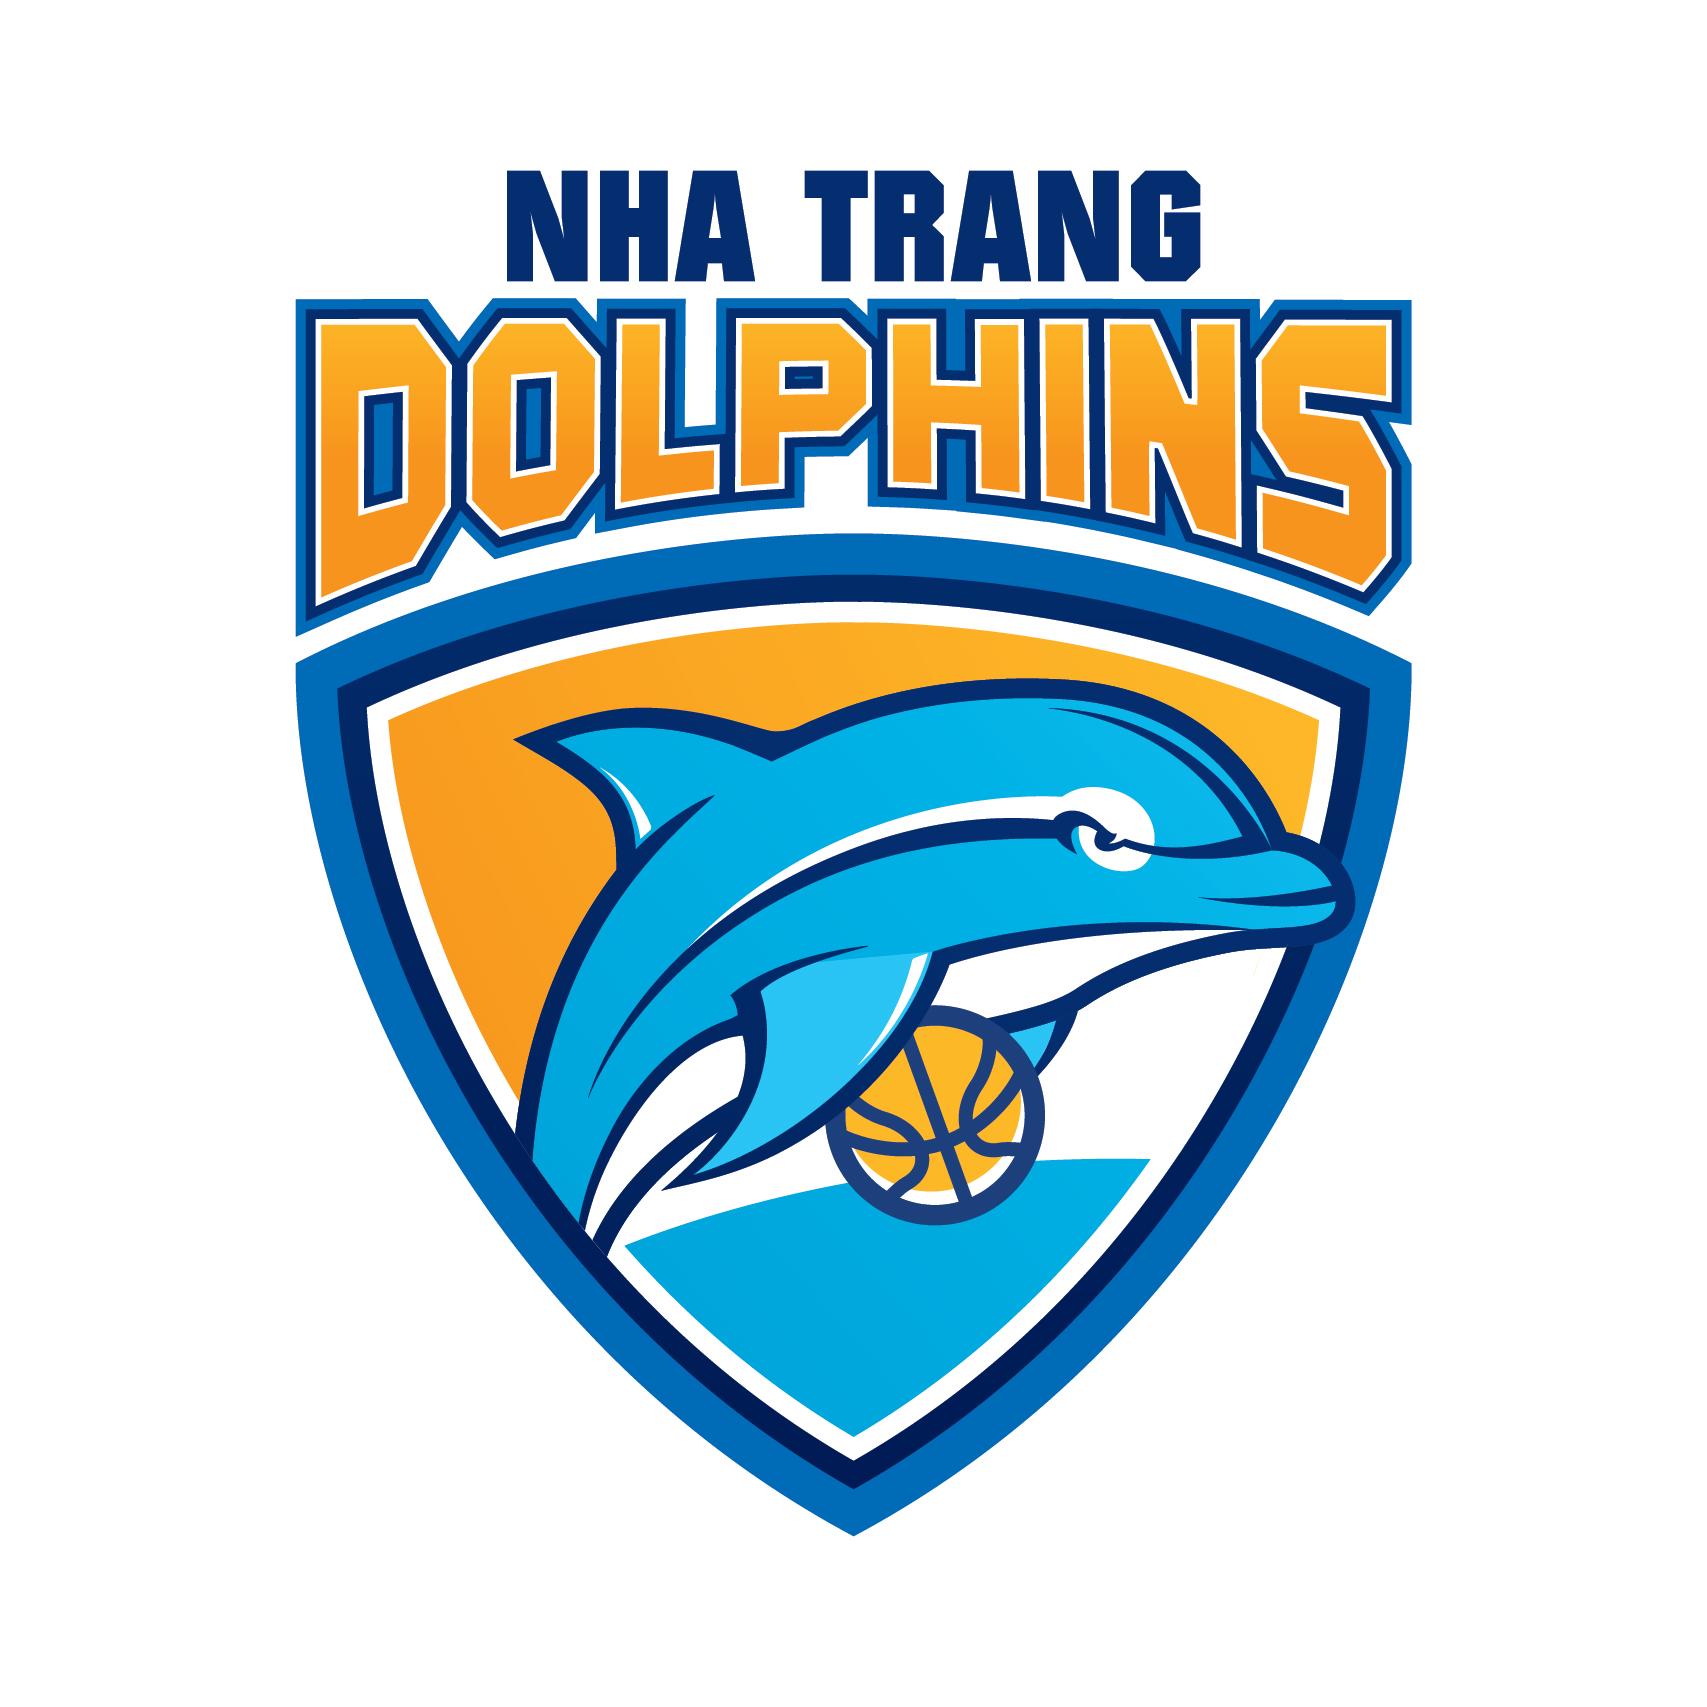 Nha Trang Dolphins - Logo